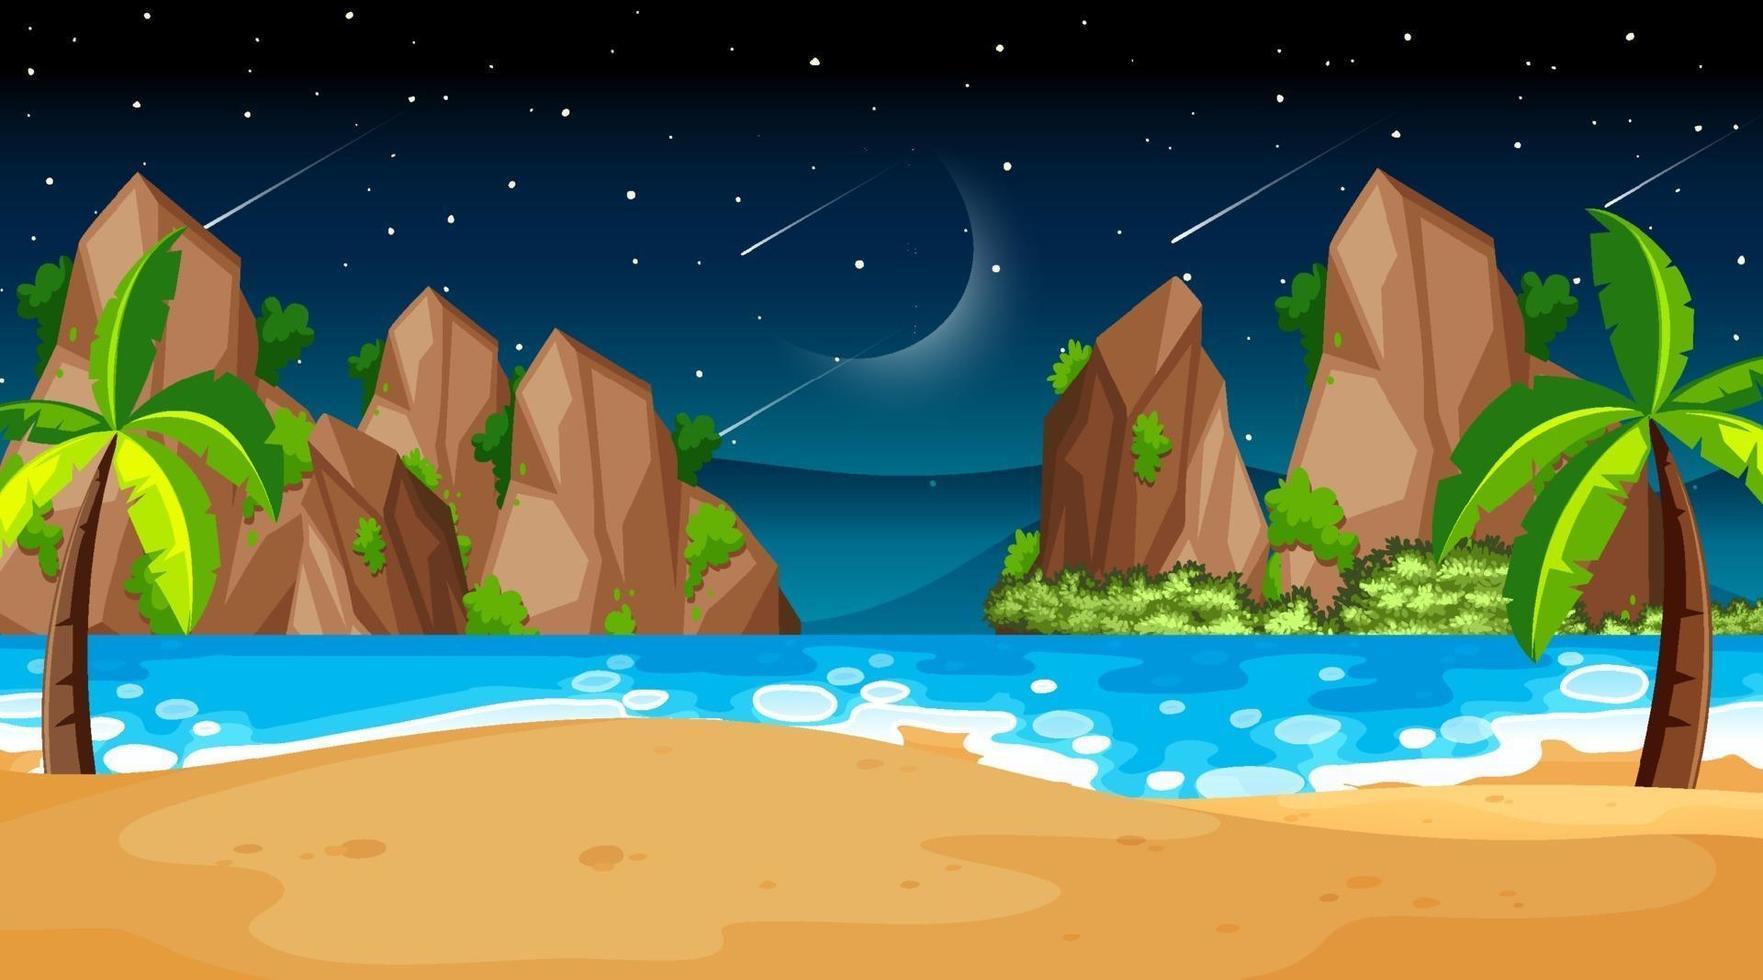 tropische strandlandschapsscène bij nacht vector